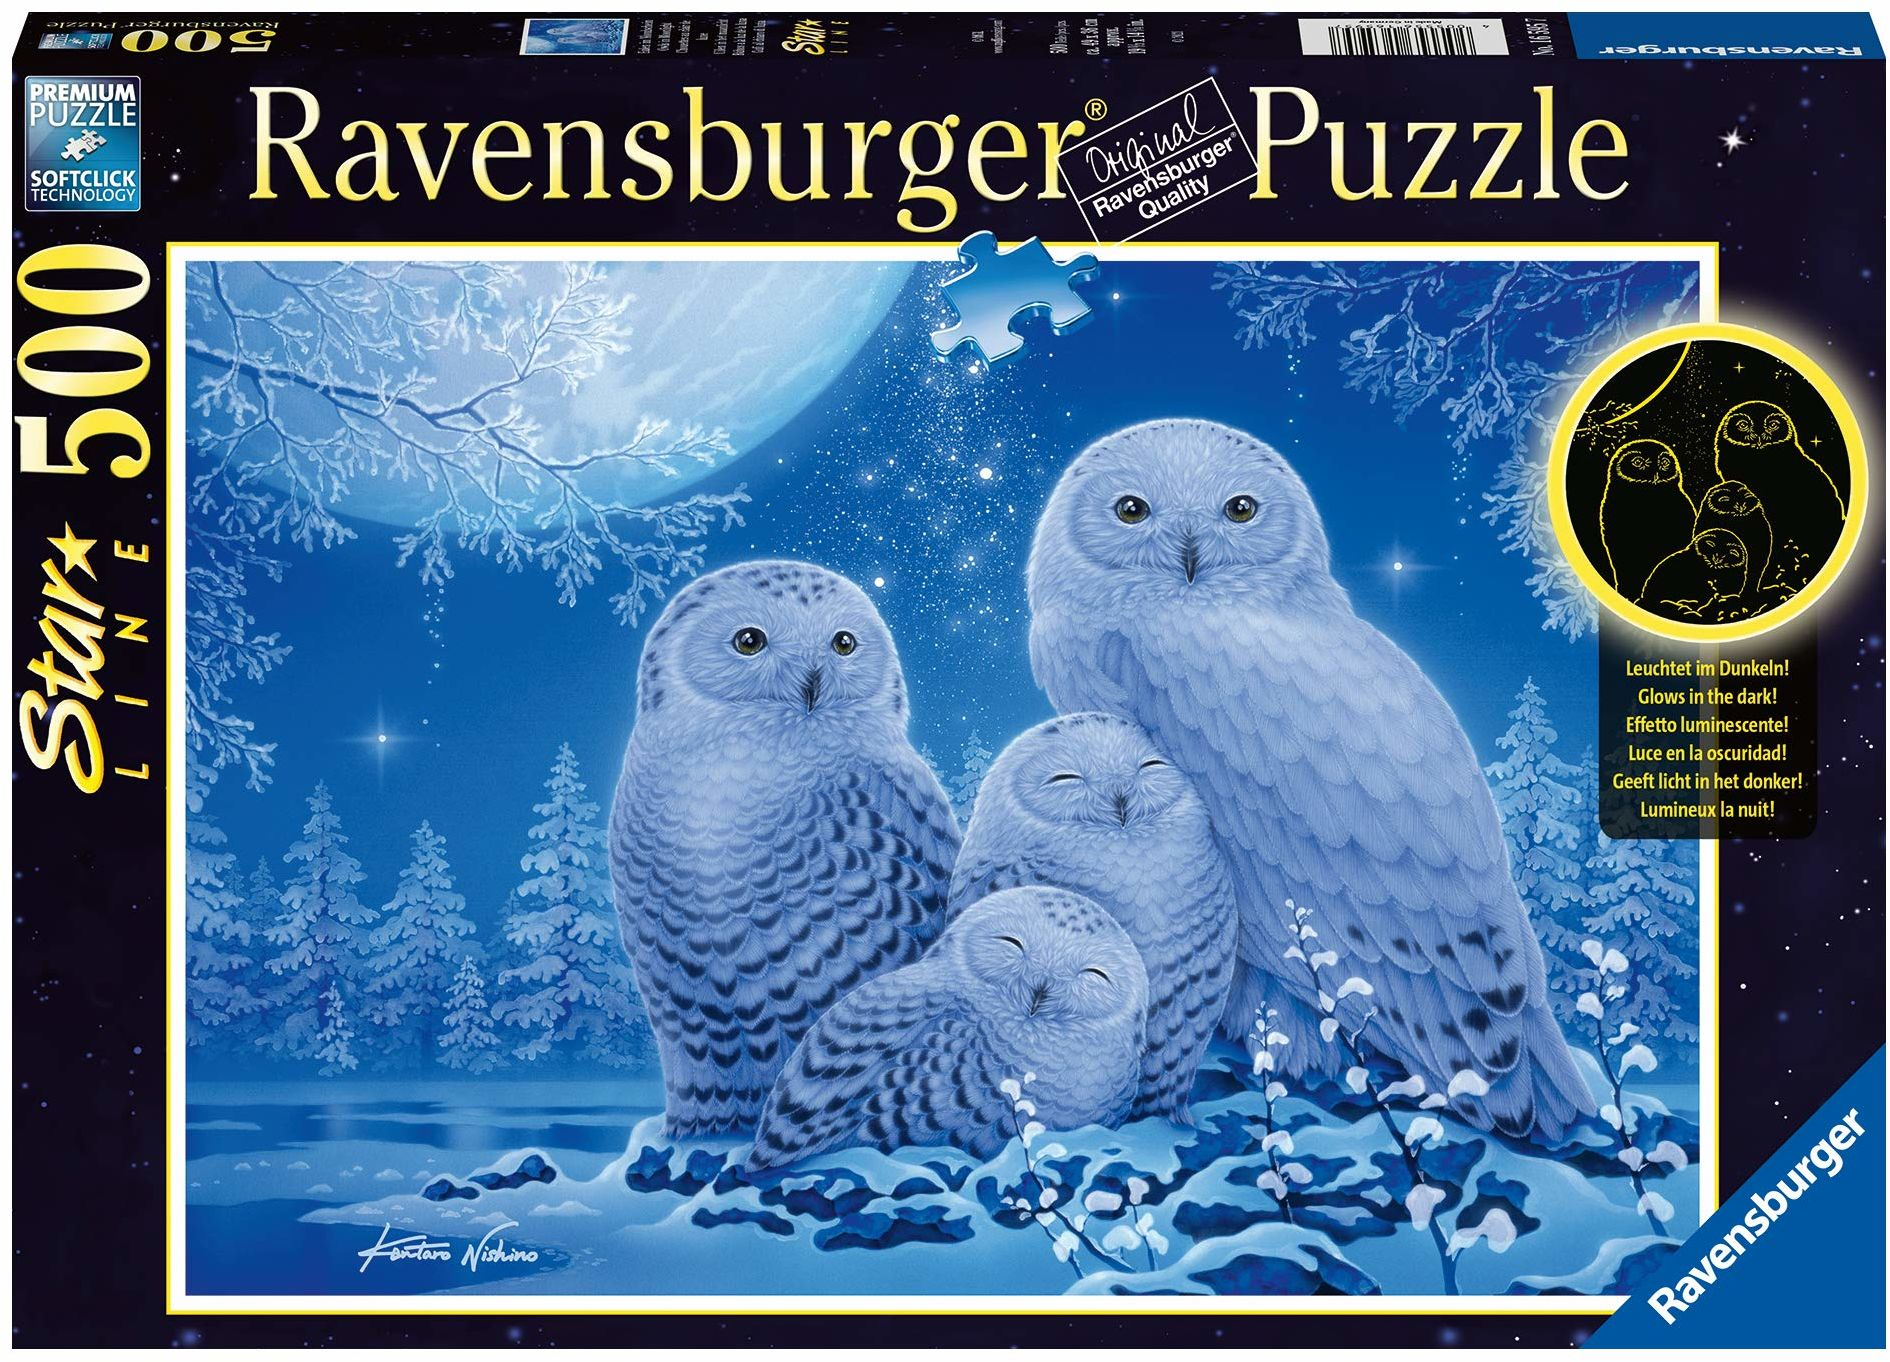 Ravensburger Puzzle 16595 sowy w świetle księżyca 16595 sowy 500 części, wielokolorowe